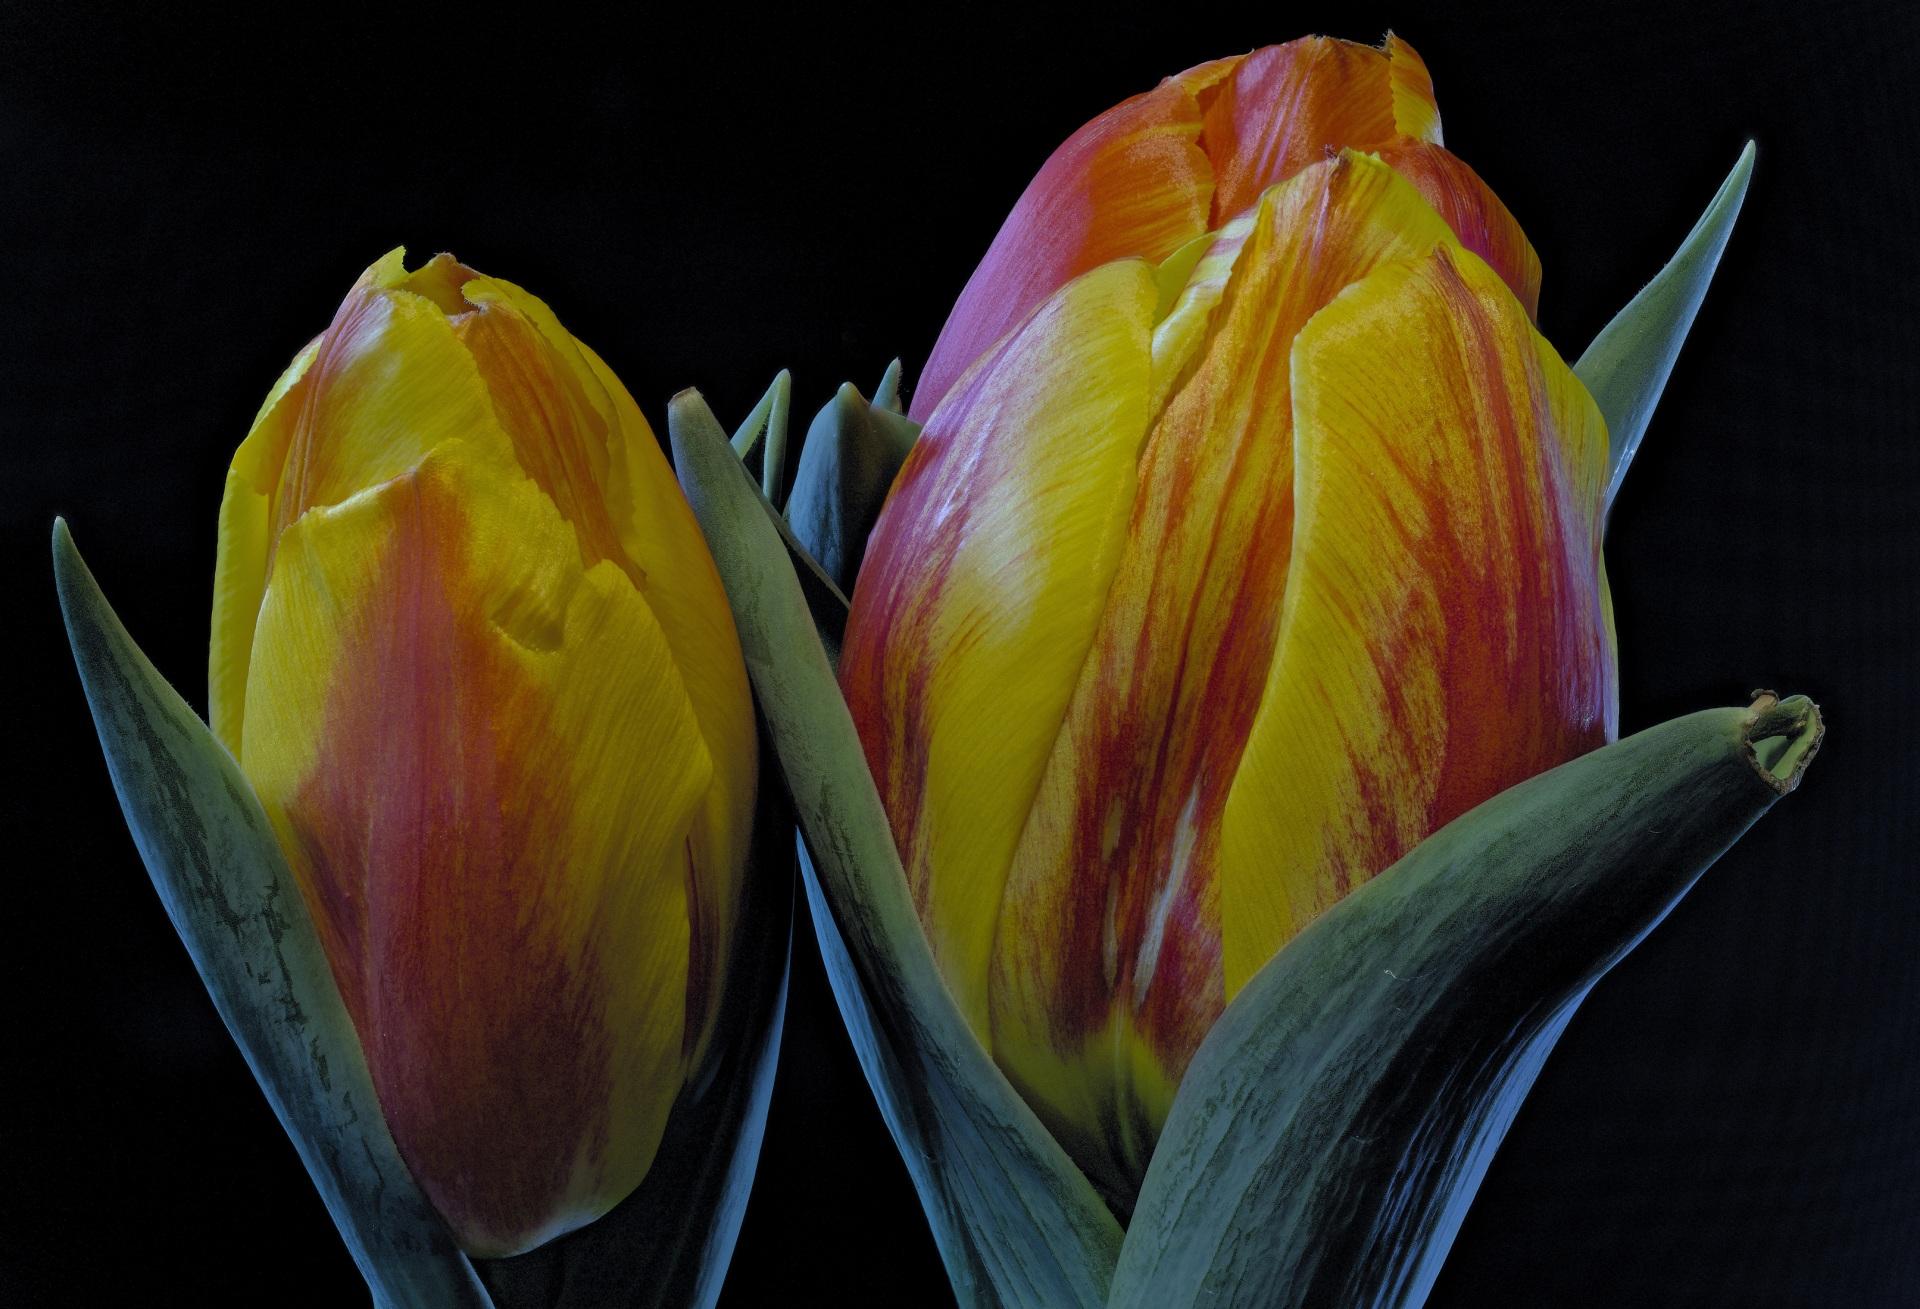 Фотографии тюльпан цветок Черный фон Крупным планом 1920x1309 Тюльпаны Цветы вблизи на черном фоне